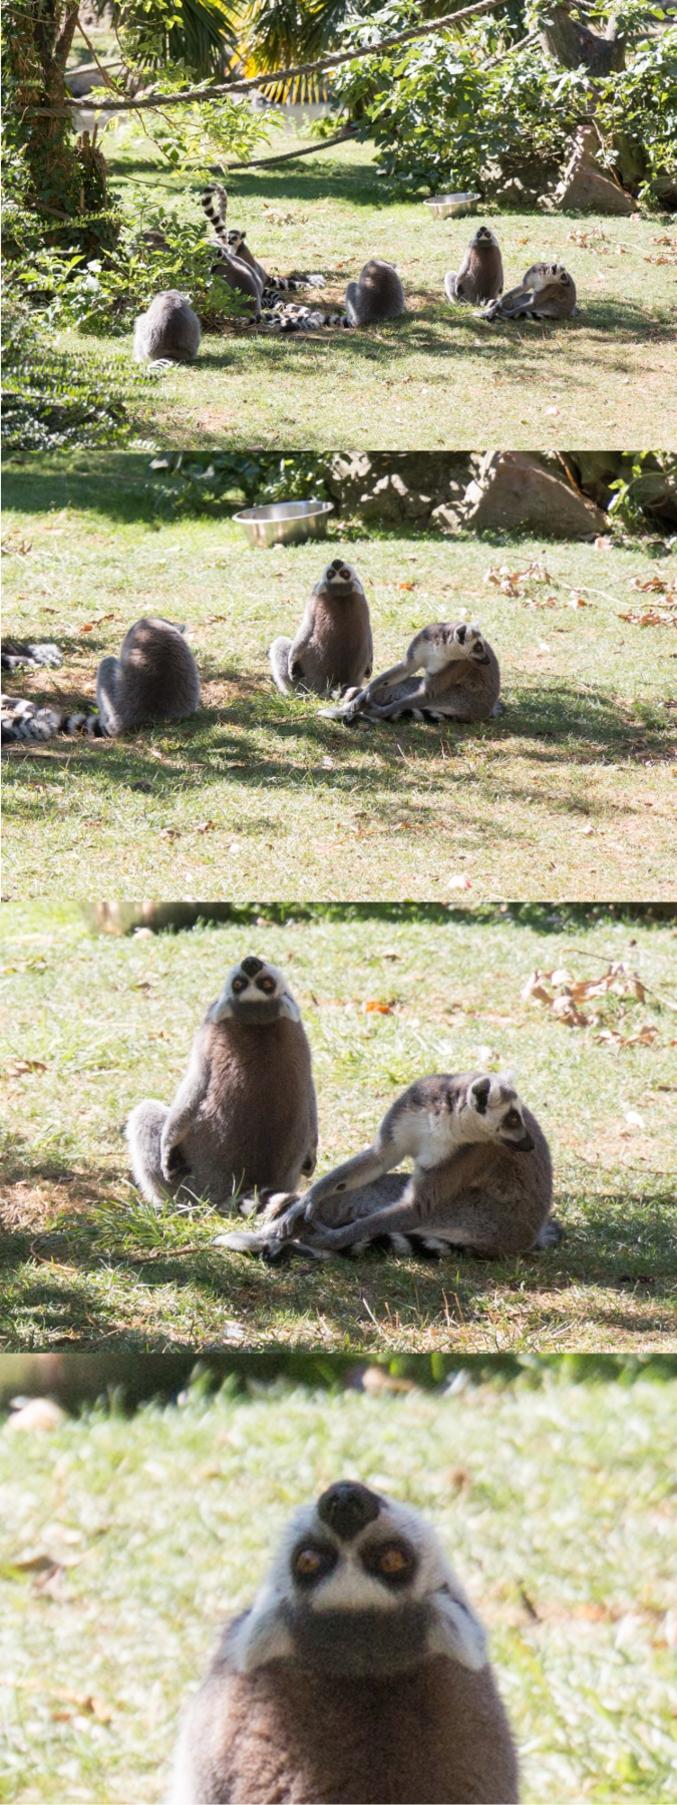 Le Maki catta (Lemur catta, aussi appelé Maki mococo, maki à queue annelée ou encore lémur à queue annelée) est un lémuriforme appartenant à la famille des lémuriens, il est le seul représentant du genre Lemur.